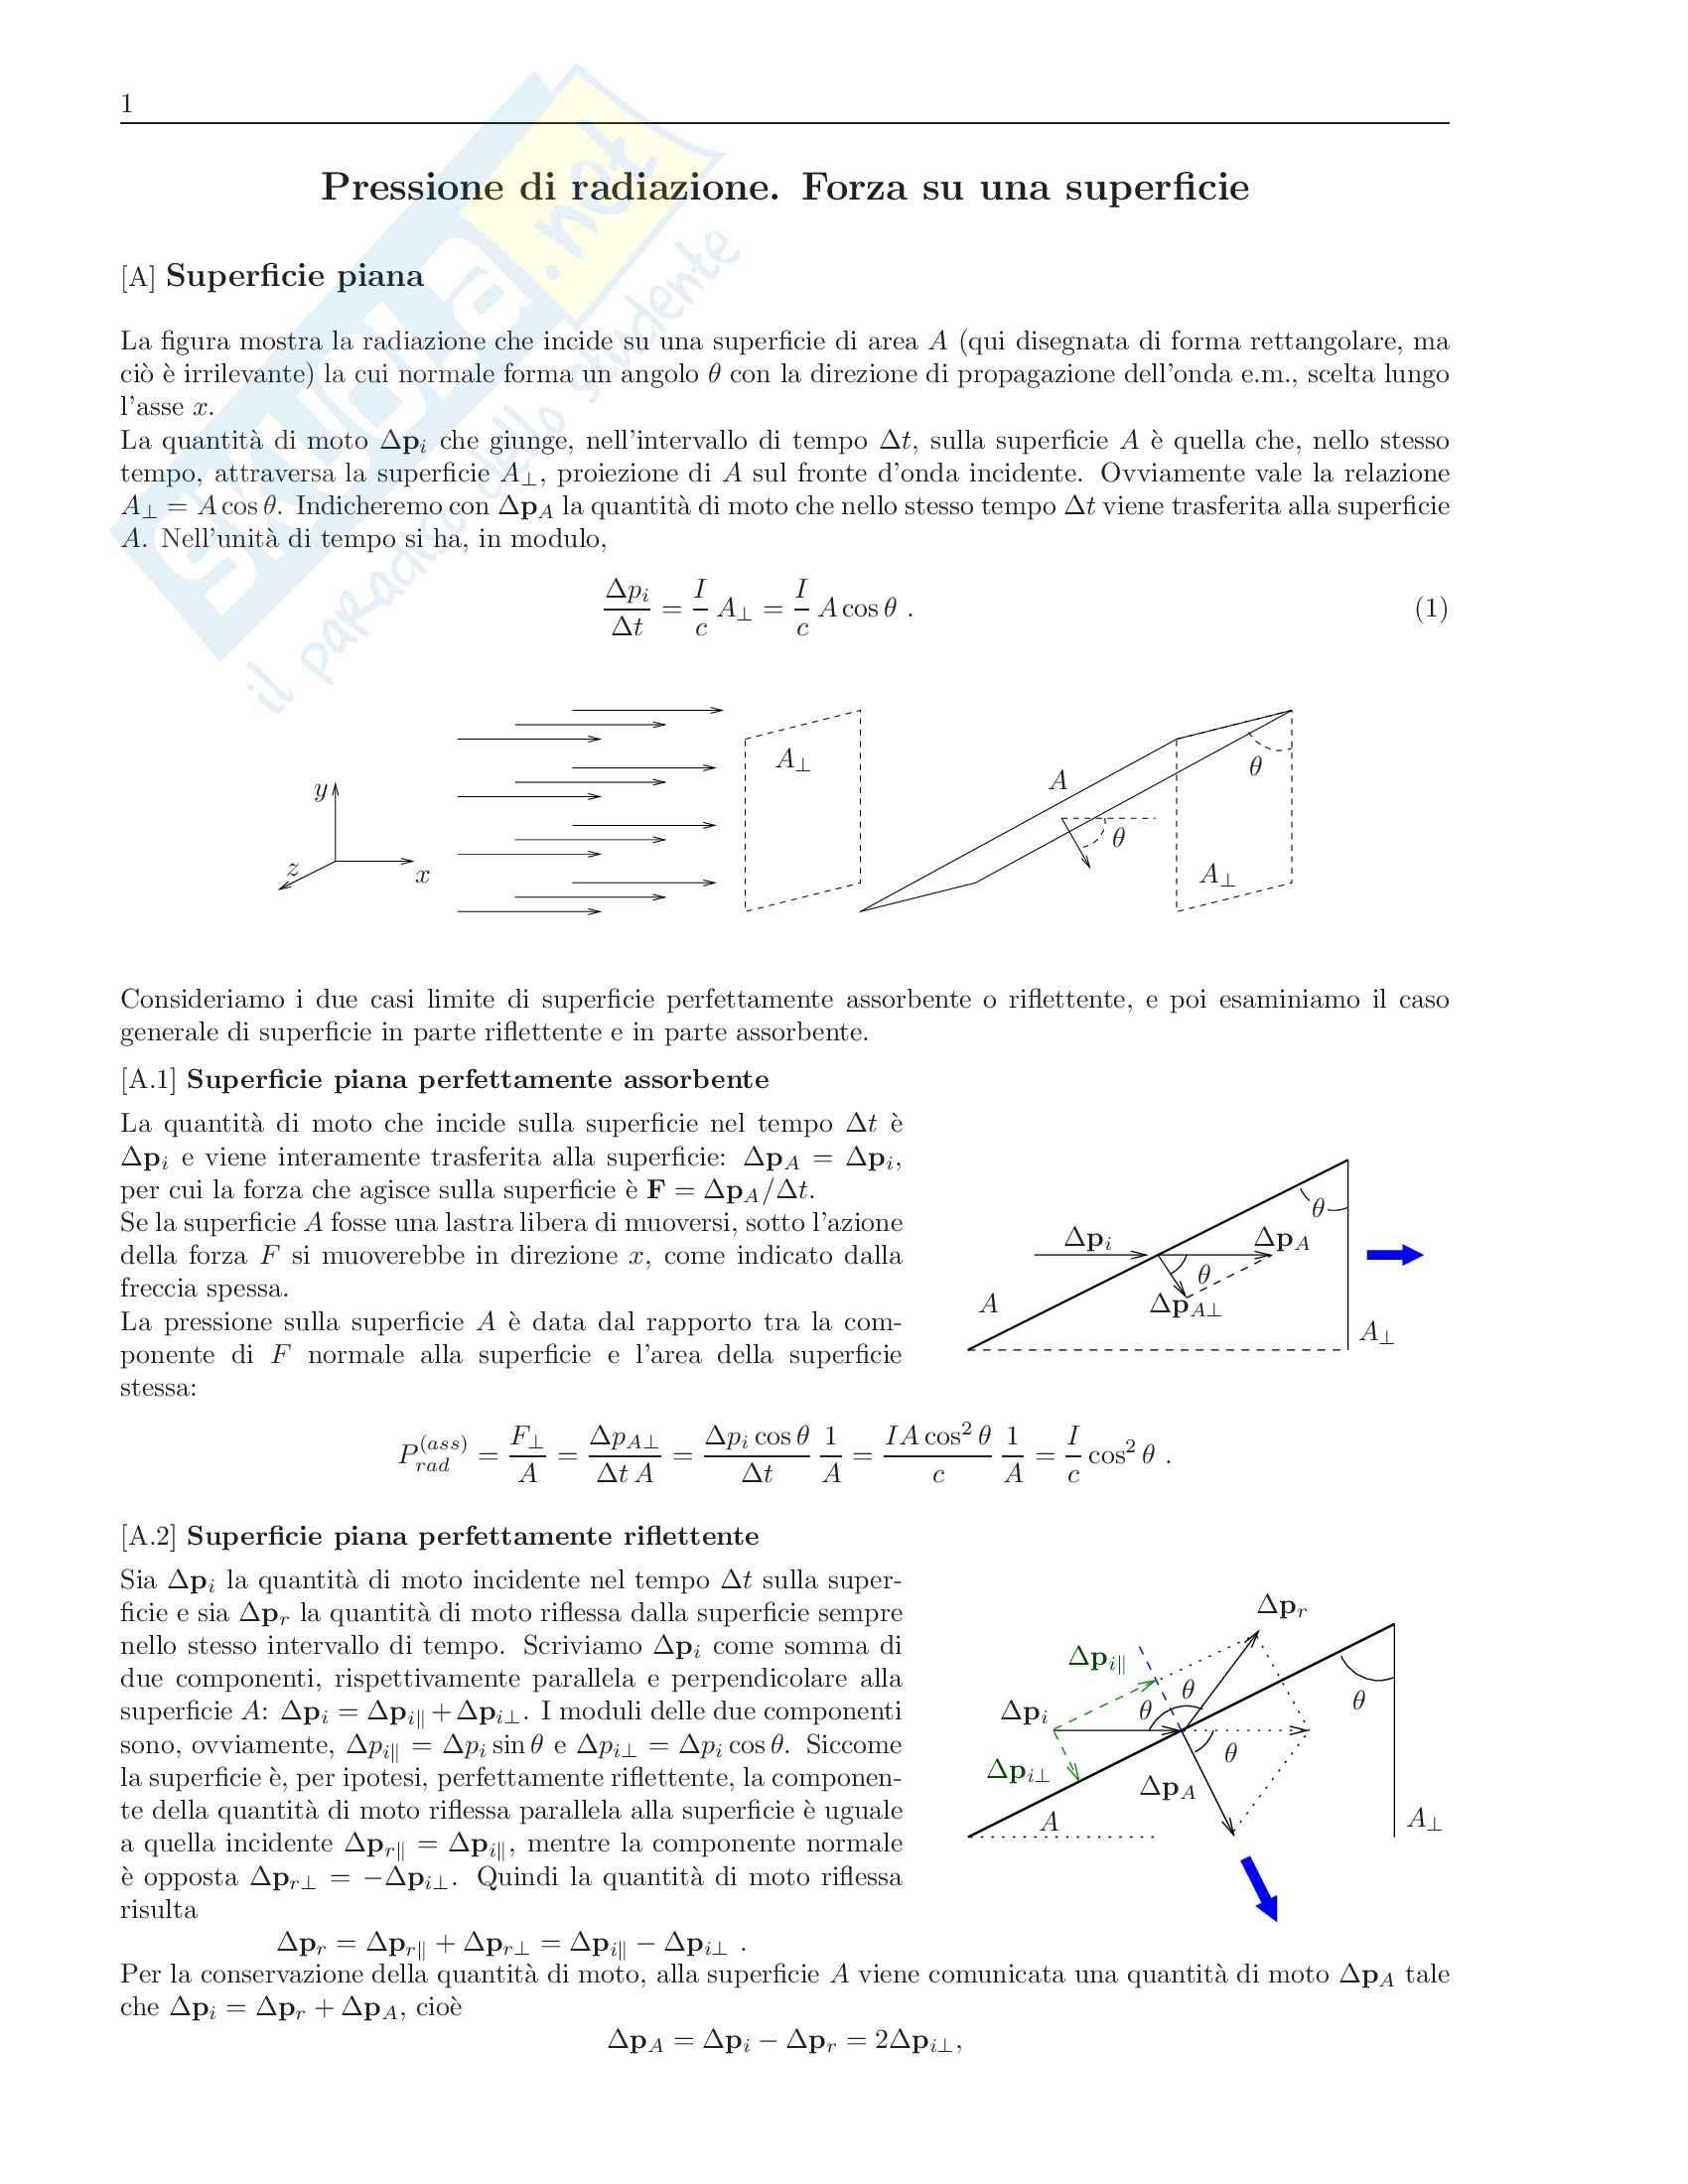 Pressione di radiazione: superficie piana e sferica, assorbente o riflettente